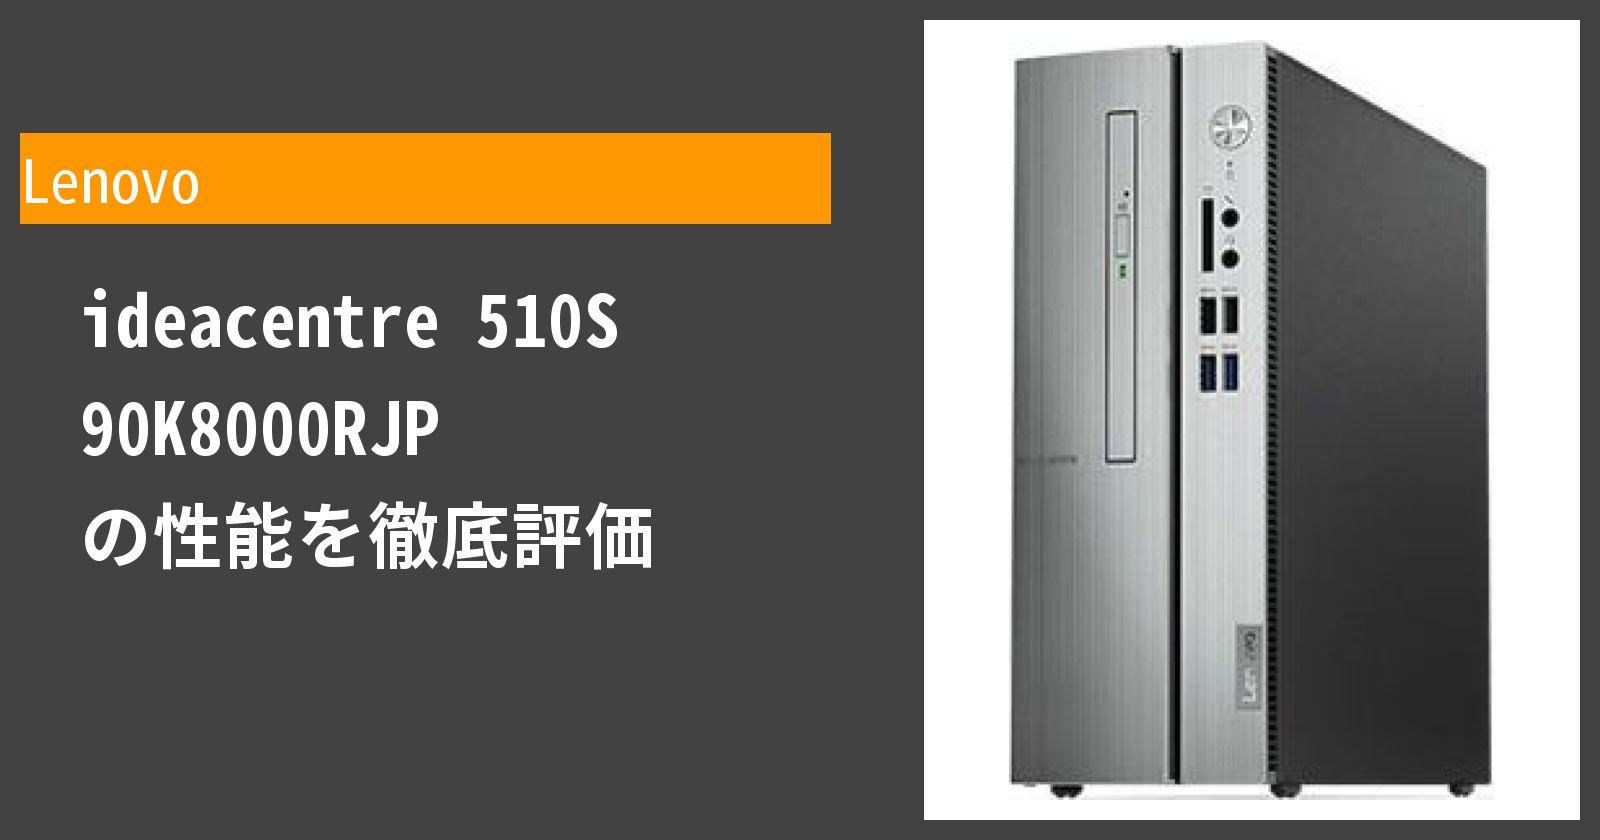 ideacentre 510S 90K8000RJP の性能を徹底評価